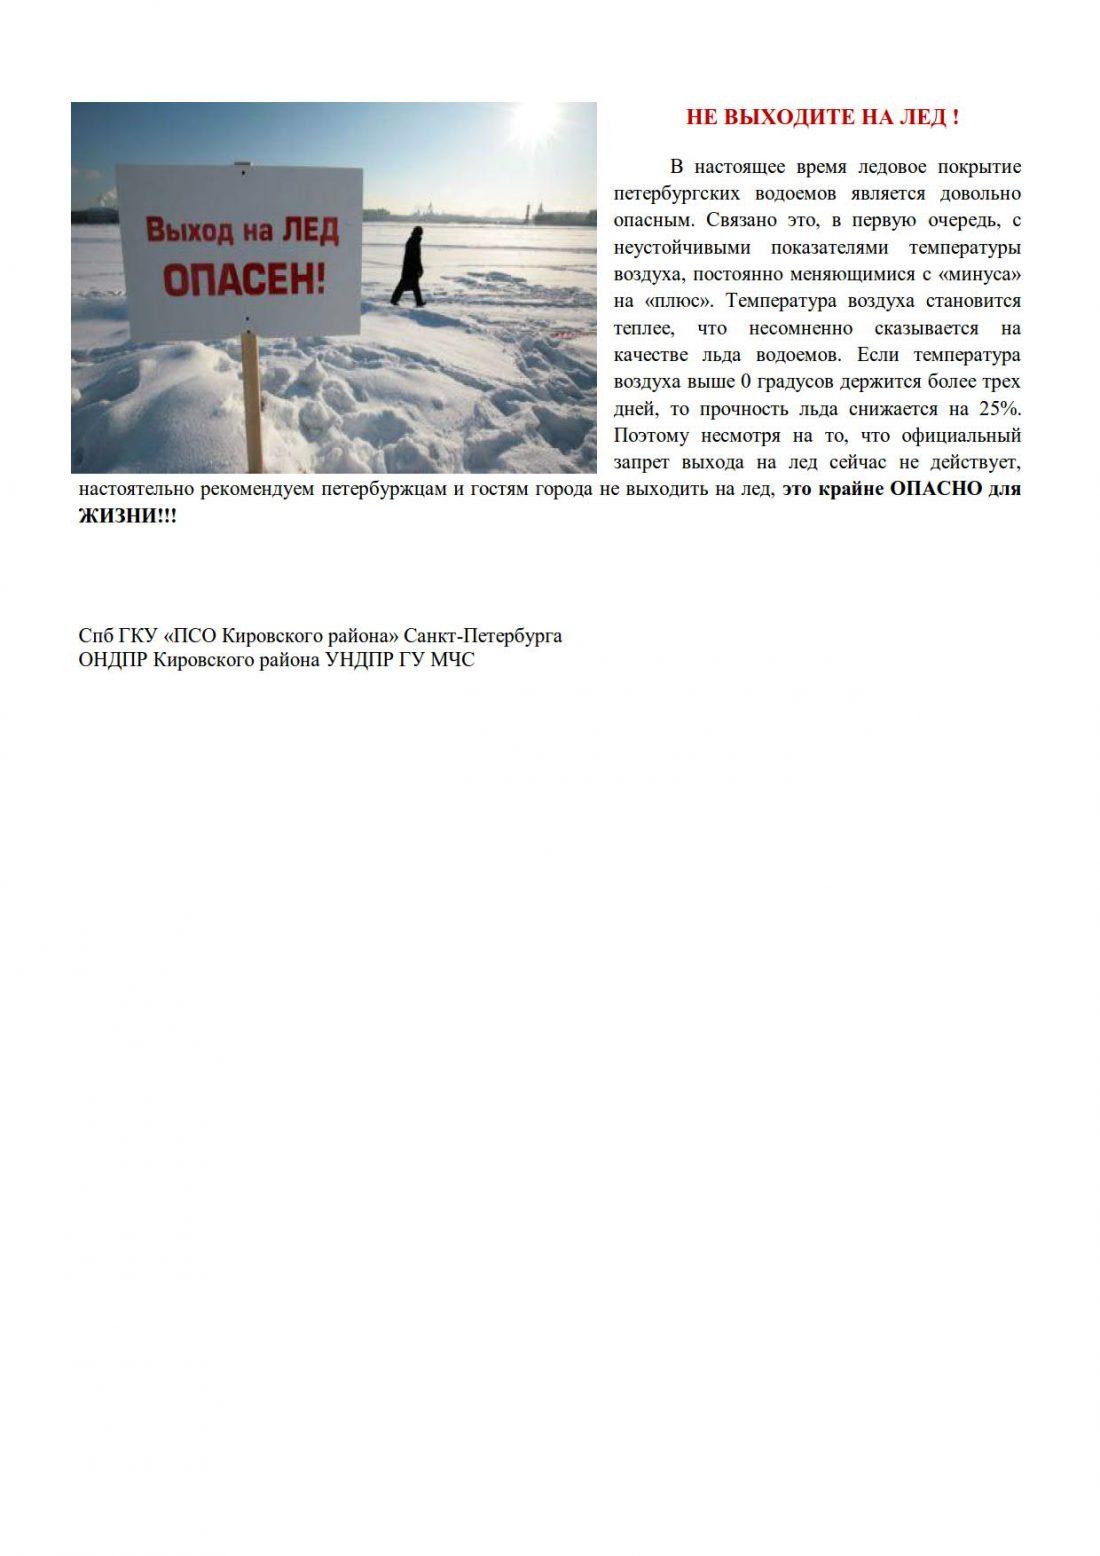 ВЫХОД НА ЛЕД ОПАСЕН_1